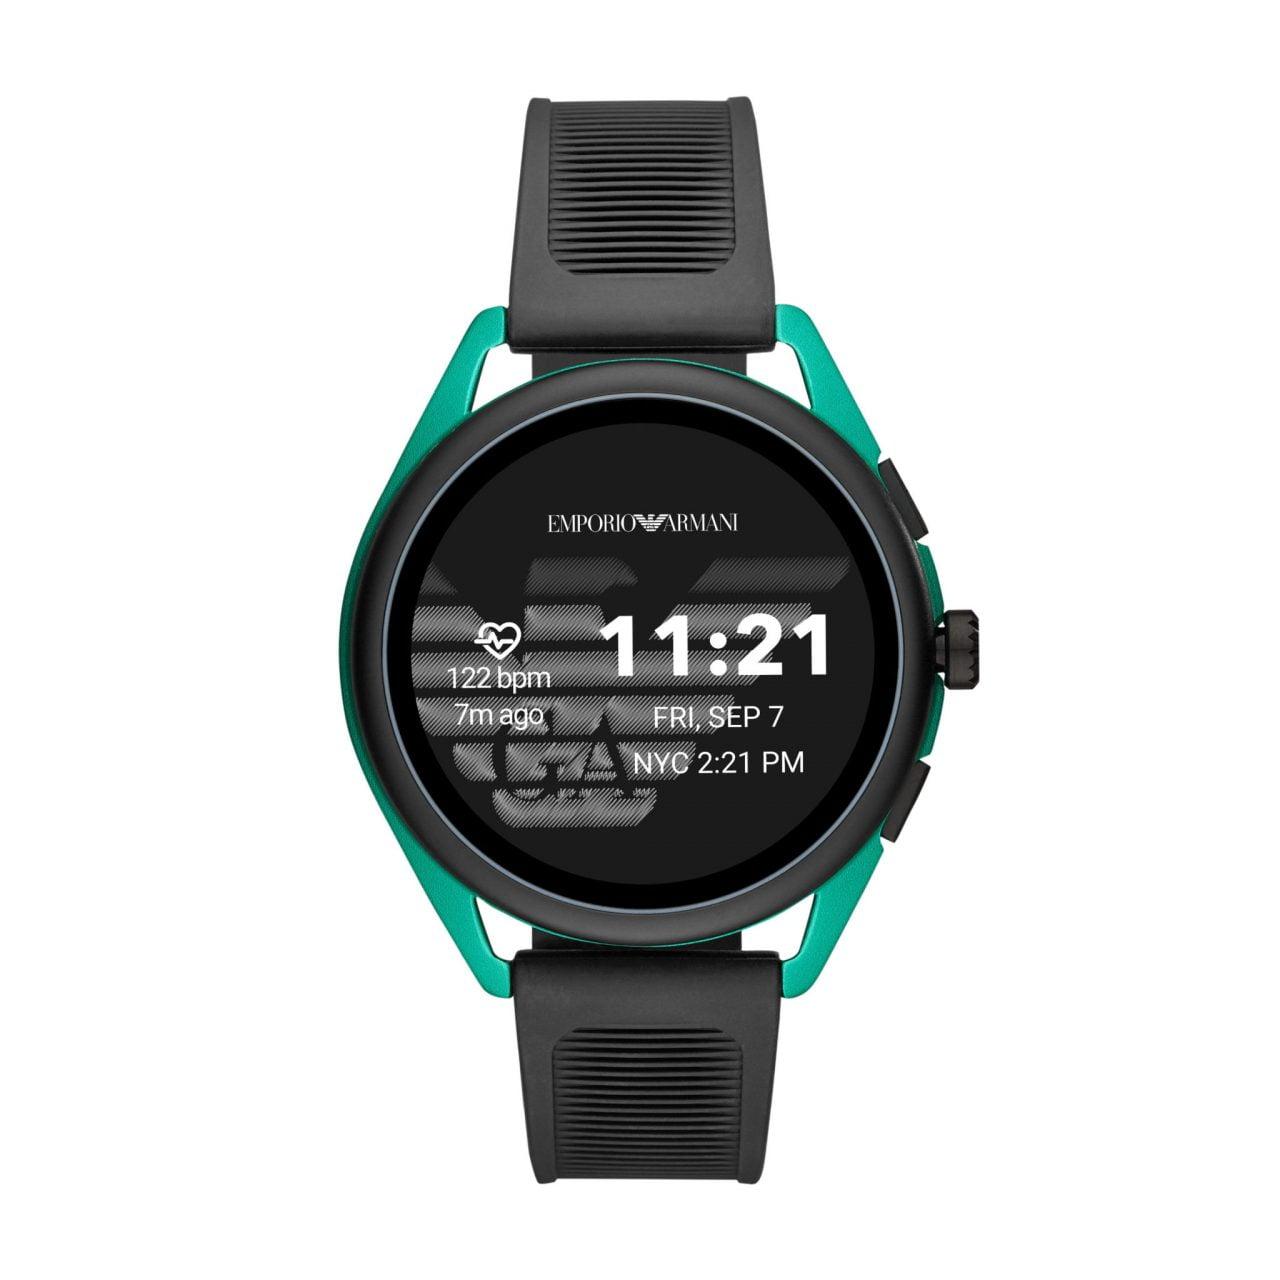 Emporio Armani svela la nuova generazione di smartwatch touchscreen 2